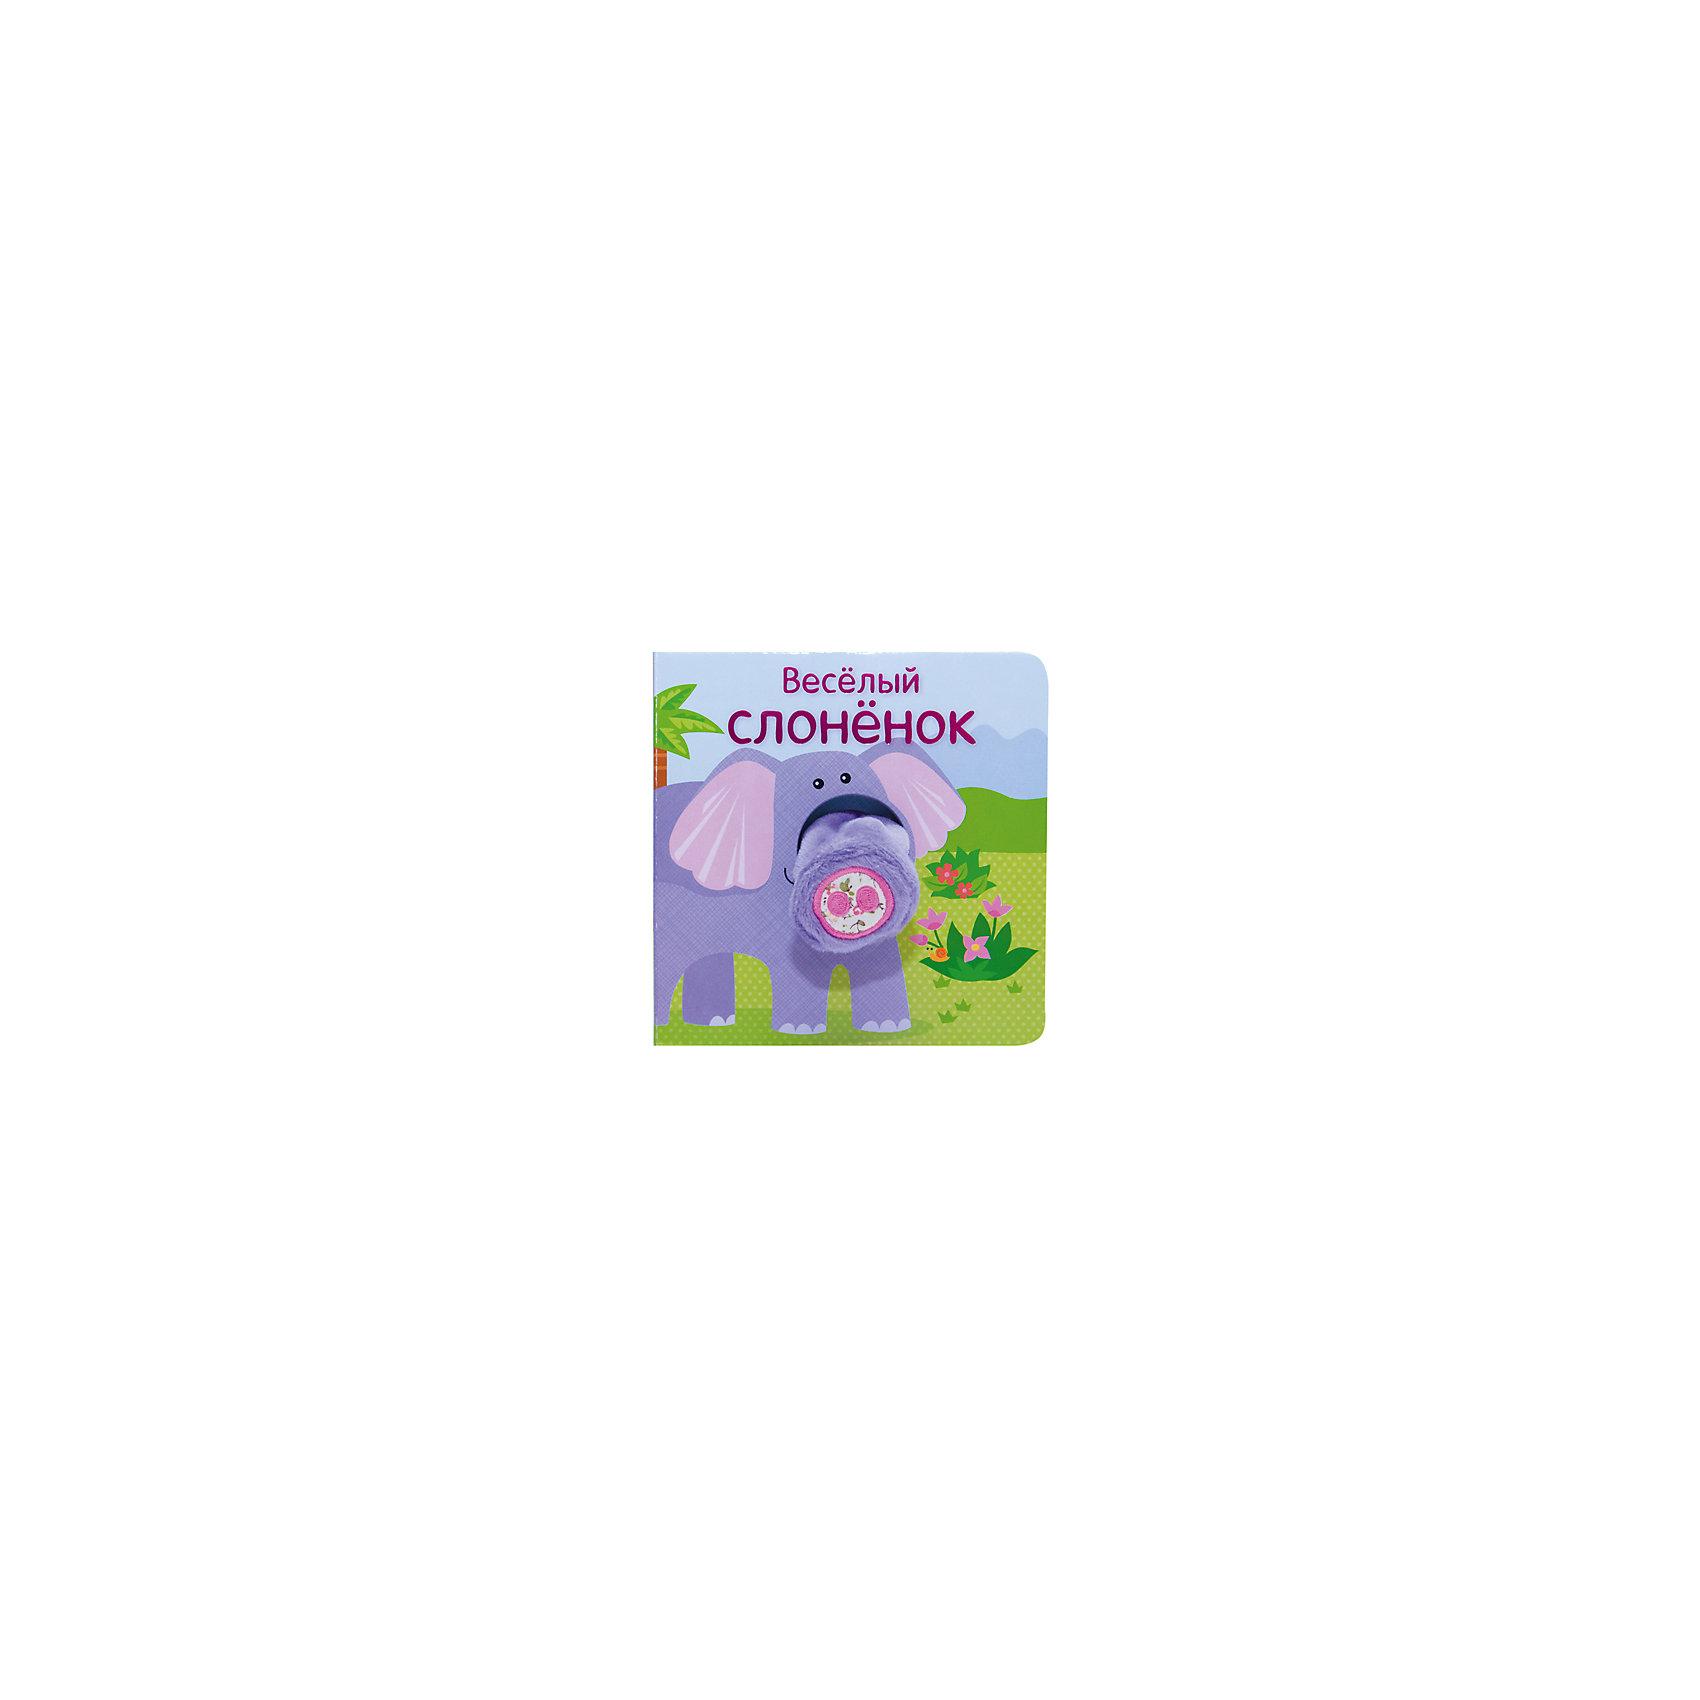 Книжки с пальчиковыми куклами Весёлый слонёнок, Мозаика-СинтезТворчество для малышей<br>Книжки с пальчиковыми куклами Весёлый слонёнок, Мозаика-Синтез <br><br>Характеристики:<br><br>• Возраст: до 3 лет<br>• Обложка: твердая<br>• Страниц: 12<br>• Автор: О. Мазалева<br>• Размер книги: 12.5х12.5 см.<br>• ISBN: 978-5-43151-021-2<br>• Формат: мини<br><br>Эта удивительная книга подарит вашему ребенку много часов счастливой игры и поможет развить воображение. В комплекте с книгой идет не только пальчиковая игрушка слоненок, но и множество стихов и описания приключений героя, которые подарят вам возможность увлечь малыша рассказом, помочь ему в развитии фантазии и дать поиграть с милой игрушкой. Книга имеет закругленные края и изготовлена на плотном картоне, чтобы быть абсолютно безопасной для вашего малыша.<br><br>Книжки с пальчиковыми куклами Весёлый слонёнок, Мозаика-Синтез можно купить в нашем интернет-магазине.<br><br>Ширина мм: 125<br>Глубина мм: 125<br>Высота мм: 17<br>Вес г: 0<br>Возраст от месяцев: 12<br>Возраст до месяцев: 36<br>Пол: Унисекс<br>Возраст: Детский<br>SKU: 5441680